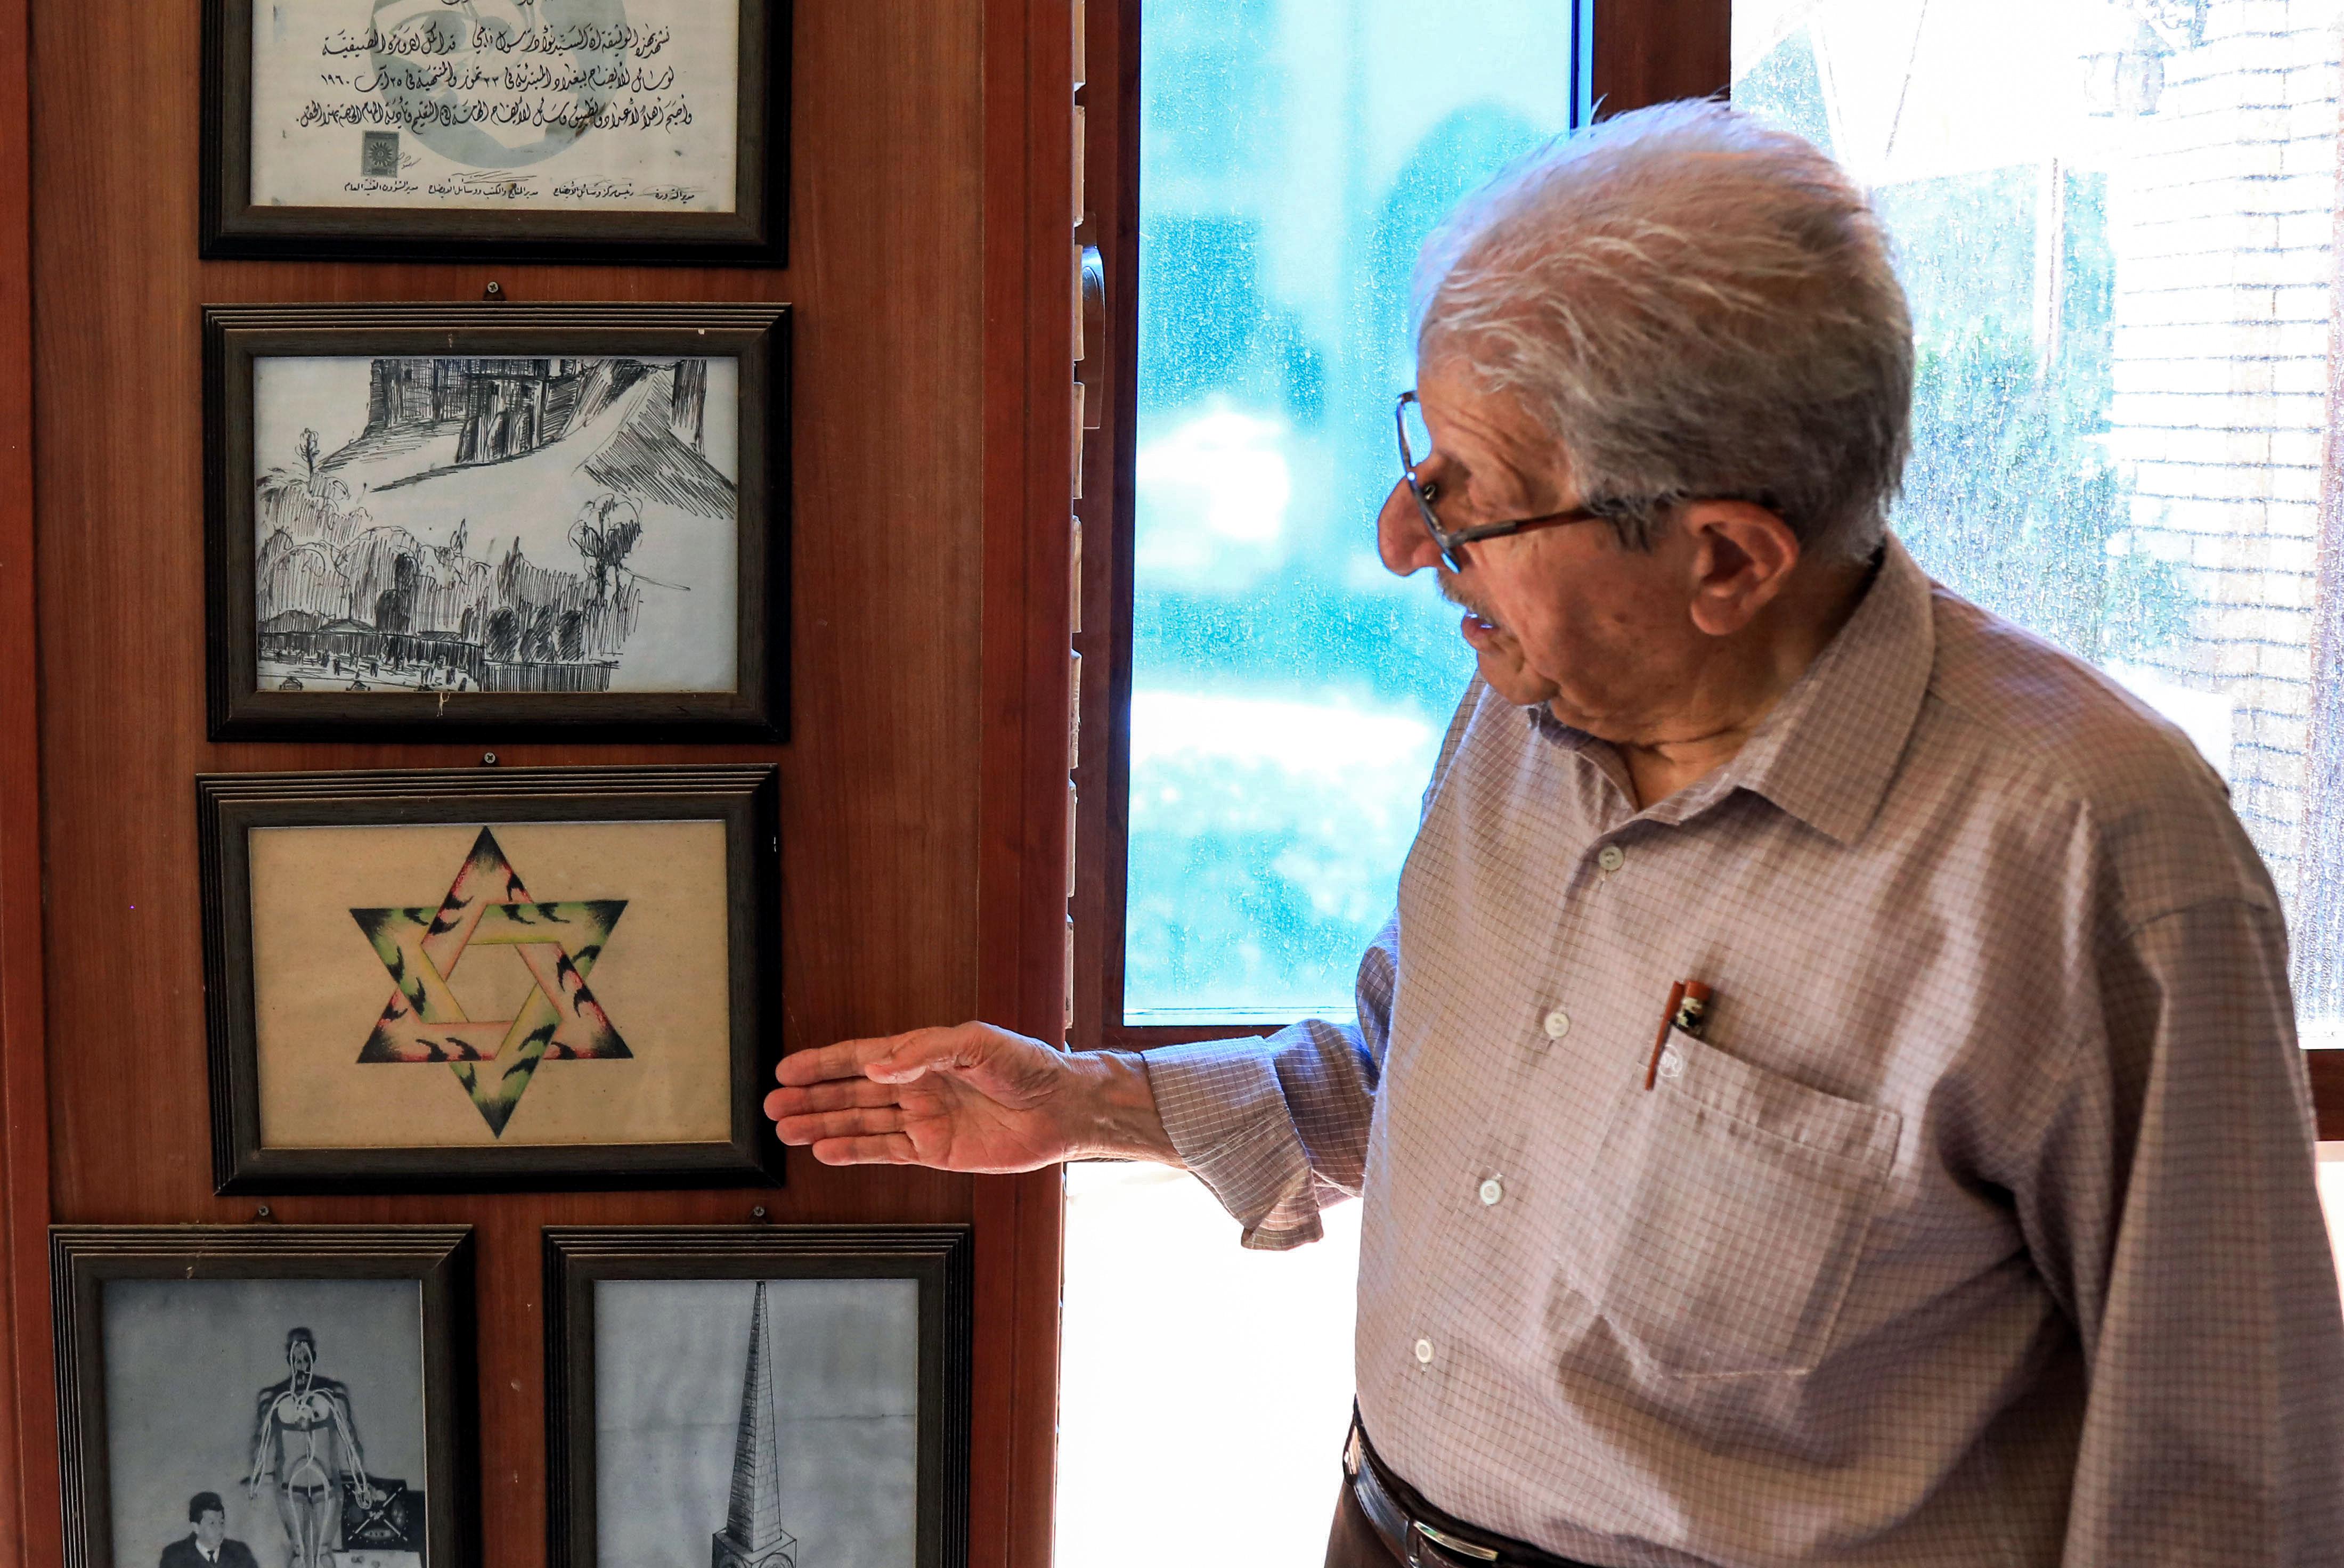 اليهود في العراق.. حقائق قد تعرفها لأول مرة | الحرة